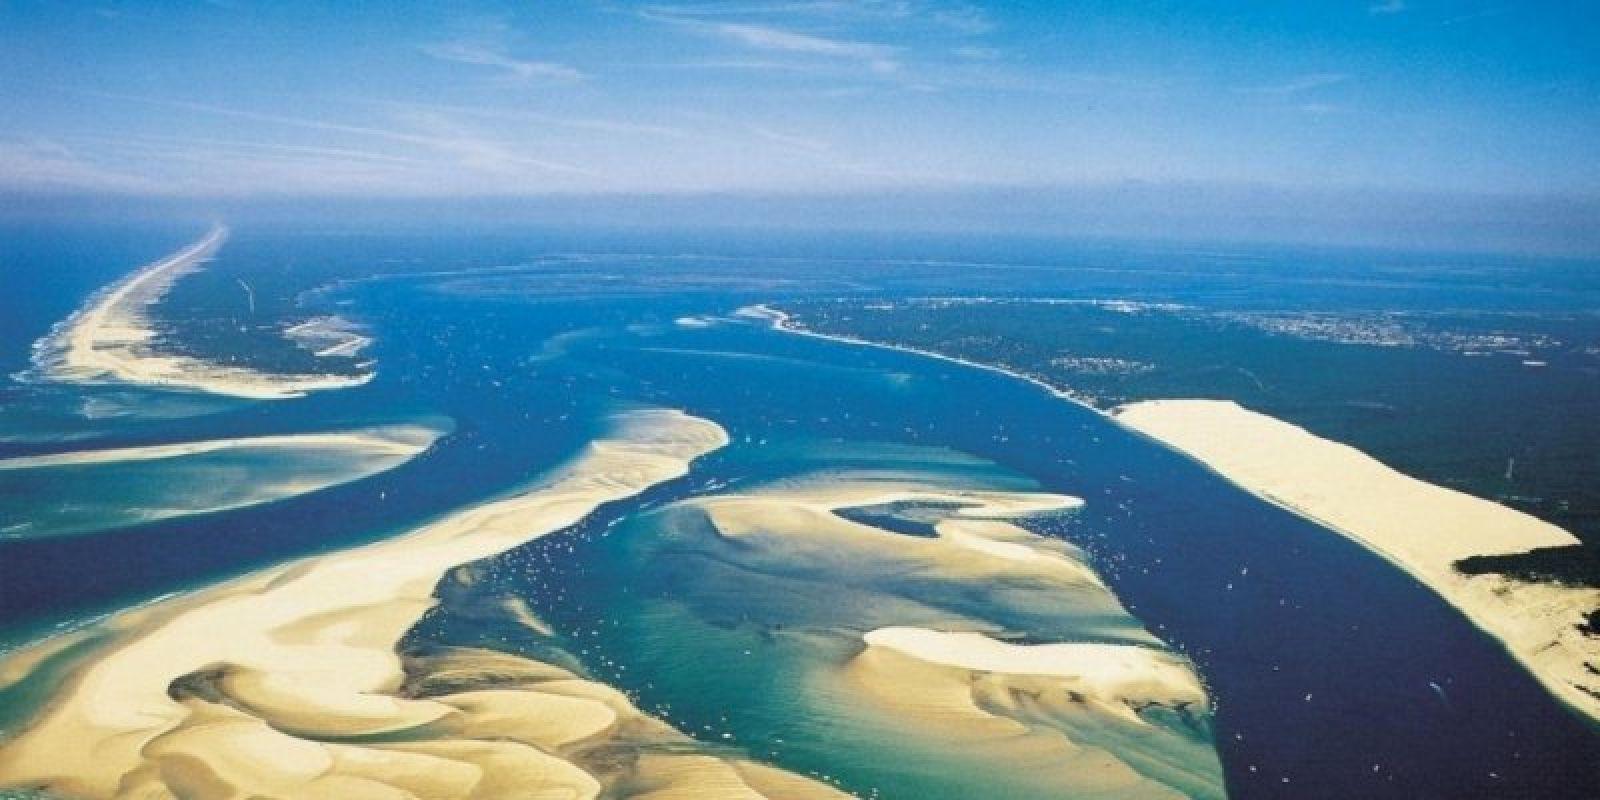 Pr parer son voyage en voiture pour rejoindre le bassin d arcachon best vacances tout pour - Office de tourisme bassin d arcachon ...